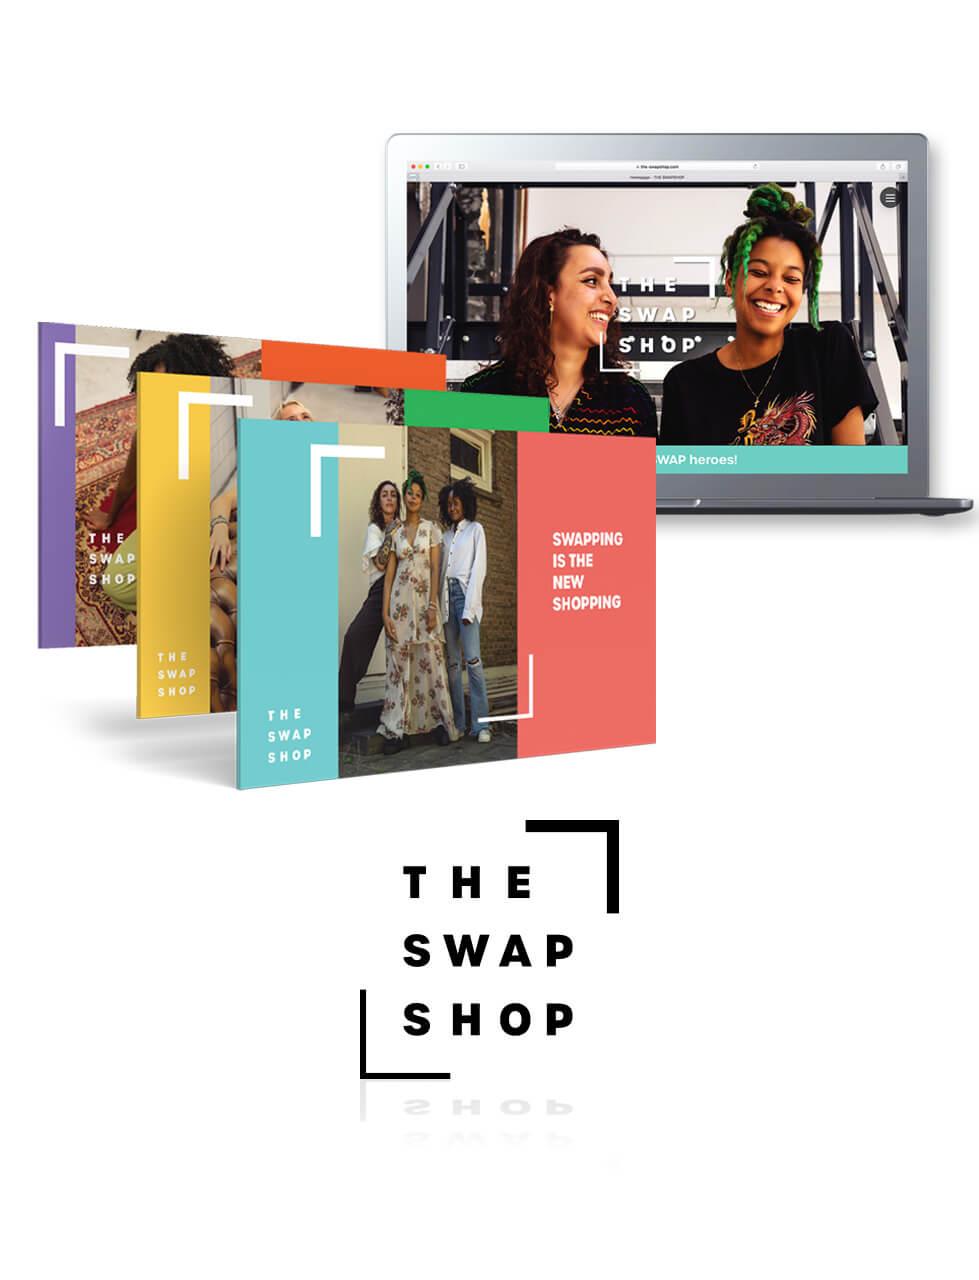 The Swapshop - Zconcept